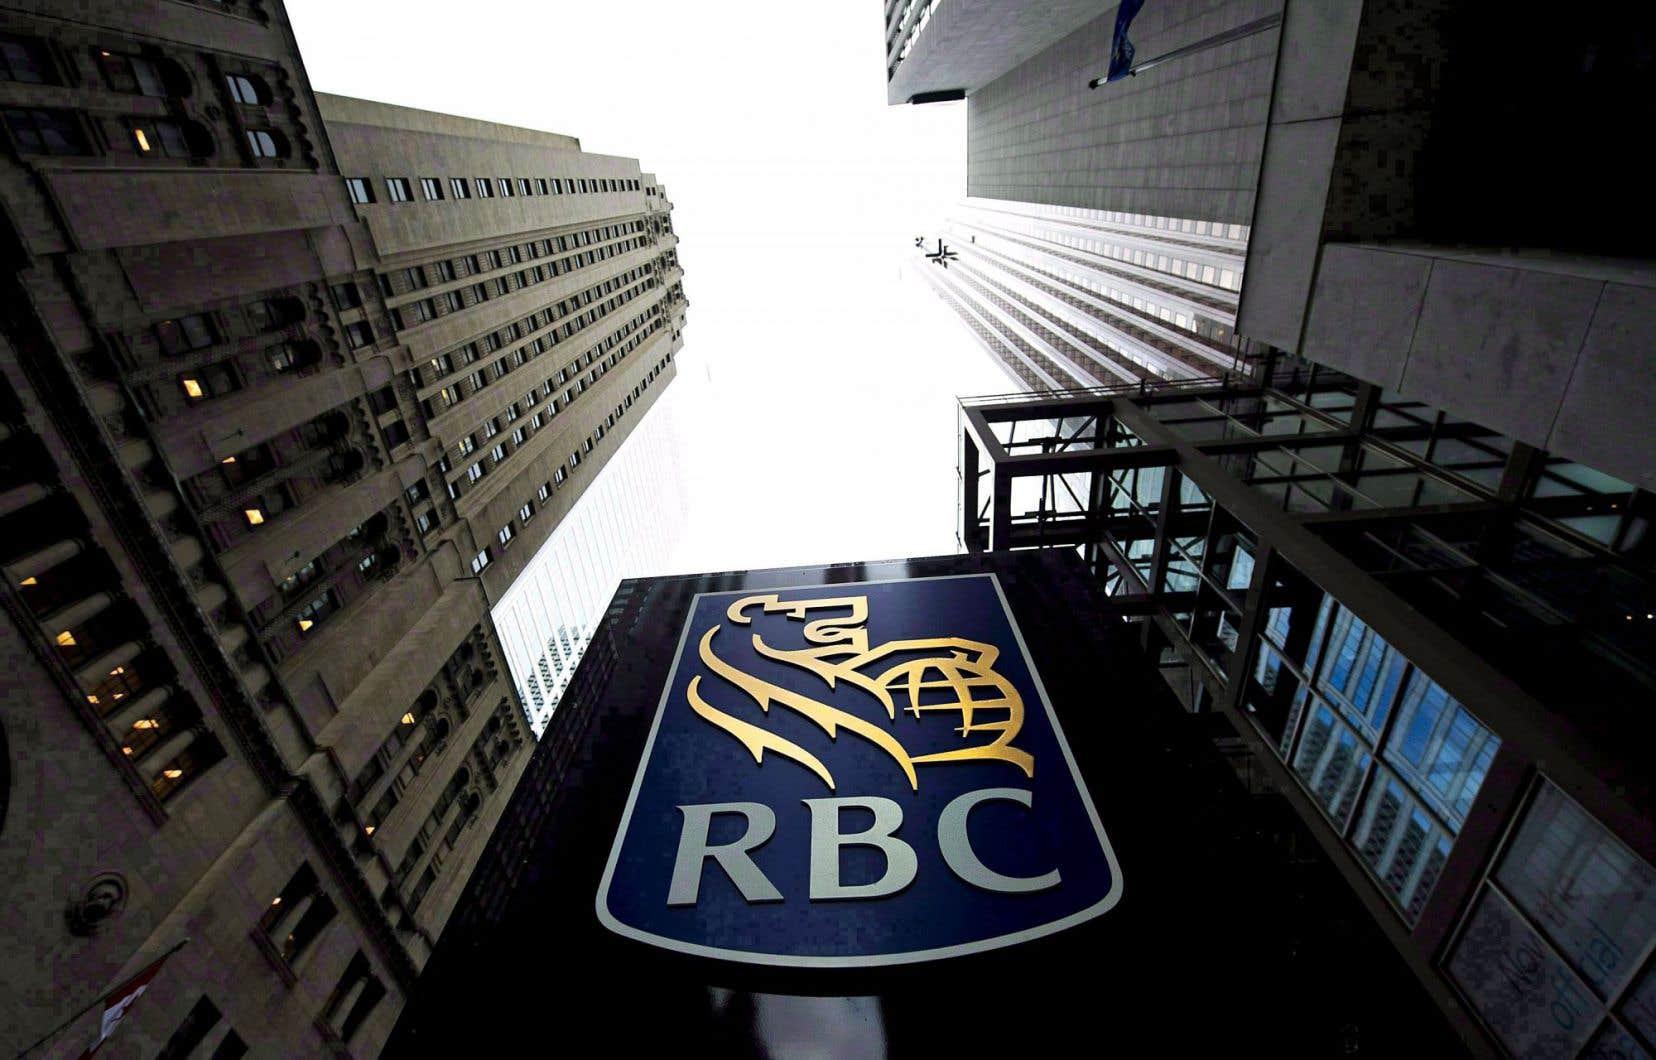 Le «Toronto Star» et CBC, tous les deux membres de l'ICIJ, ont rapporté que la Banque Royale et ses filiales avaient utilisé le cabinet d'avocats pour créer environ 370 compagnies dans des paradis fiscaux comme le Panama pour leur clientèle.